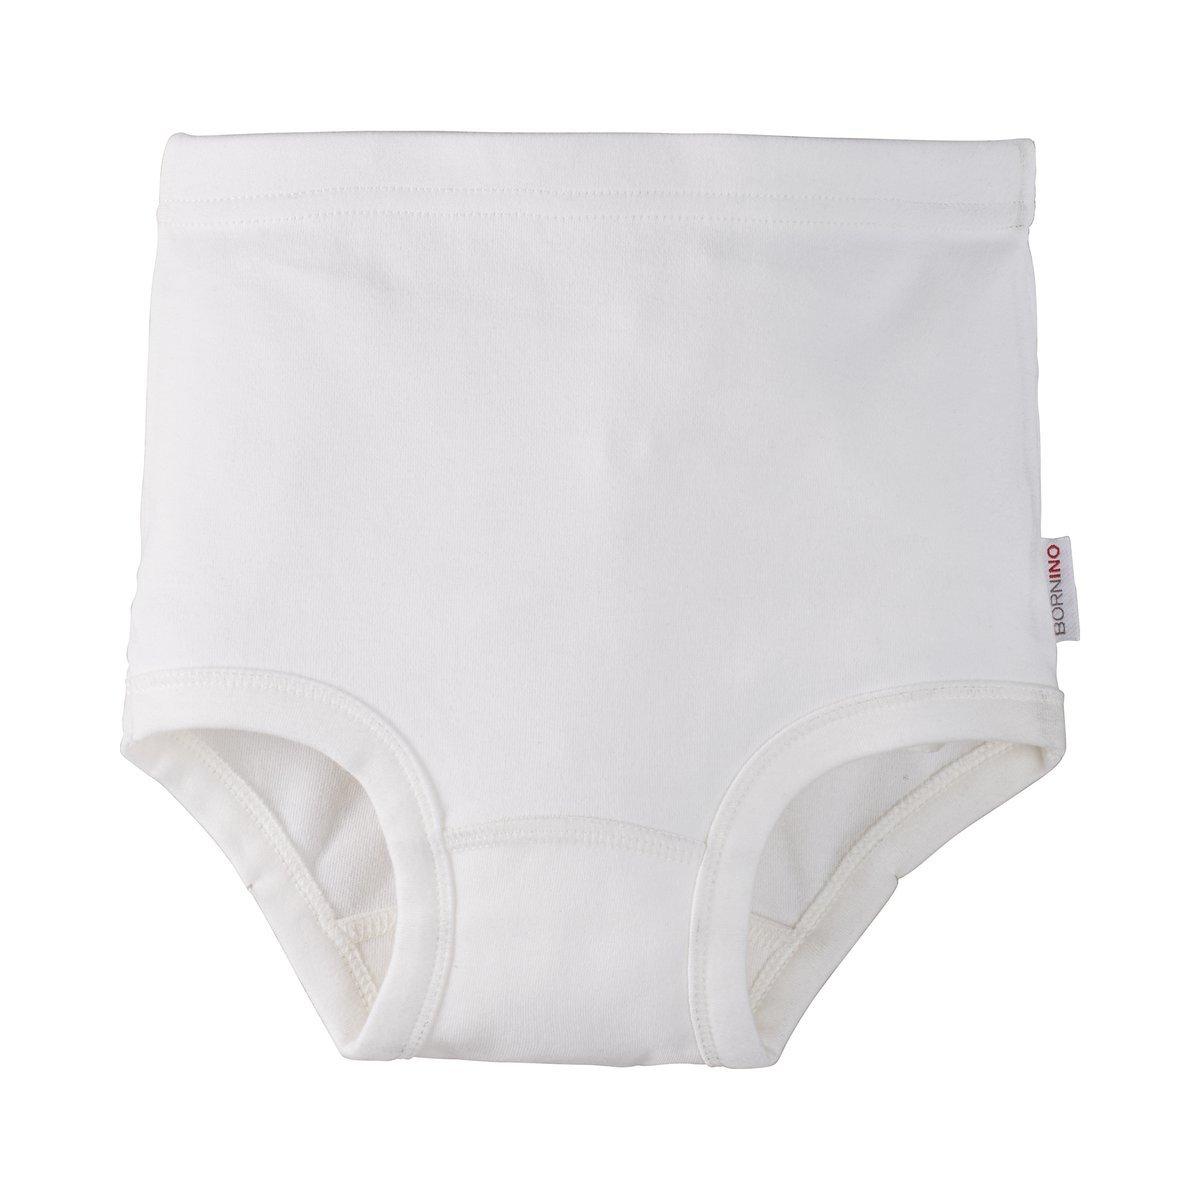 Bornino GOTS Slip/Windelslip / Unterwäsche/Unterhose - Farbe: weiß Weiss, mit Gummibund, Baumwolle, GOTS Zertifiziert